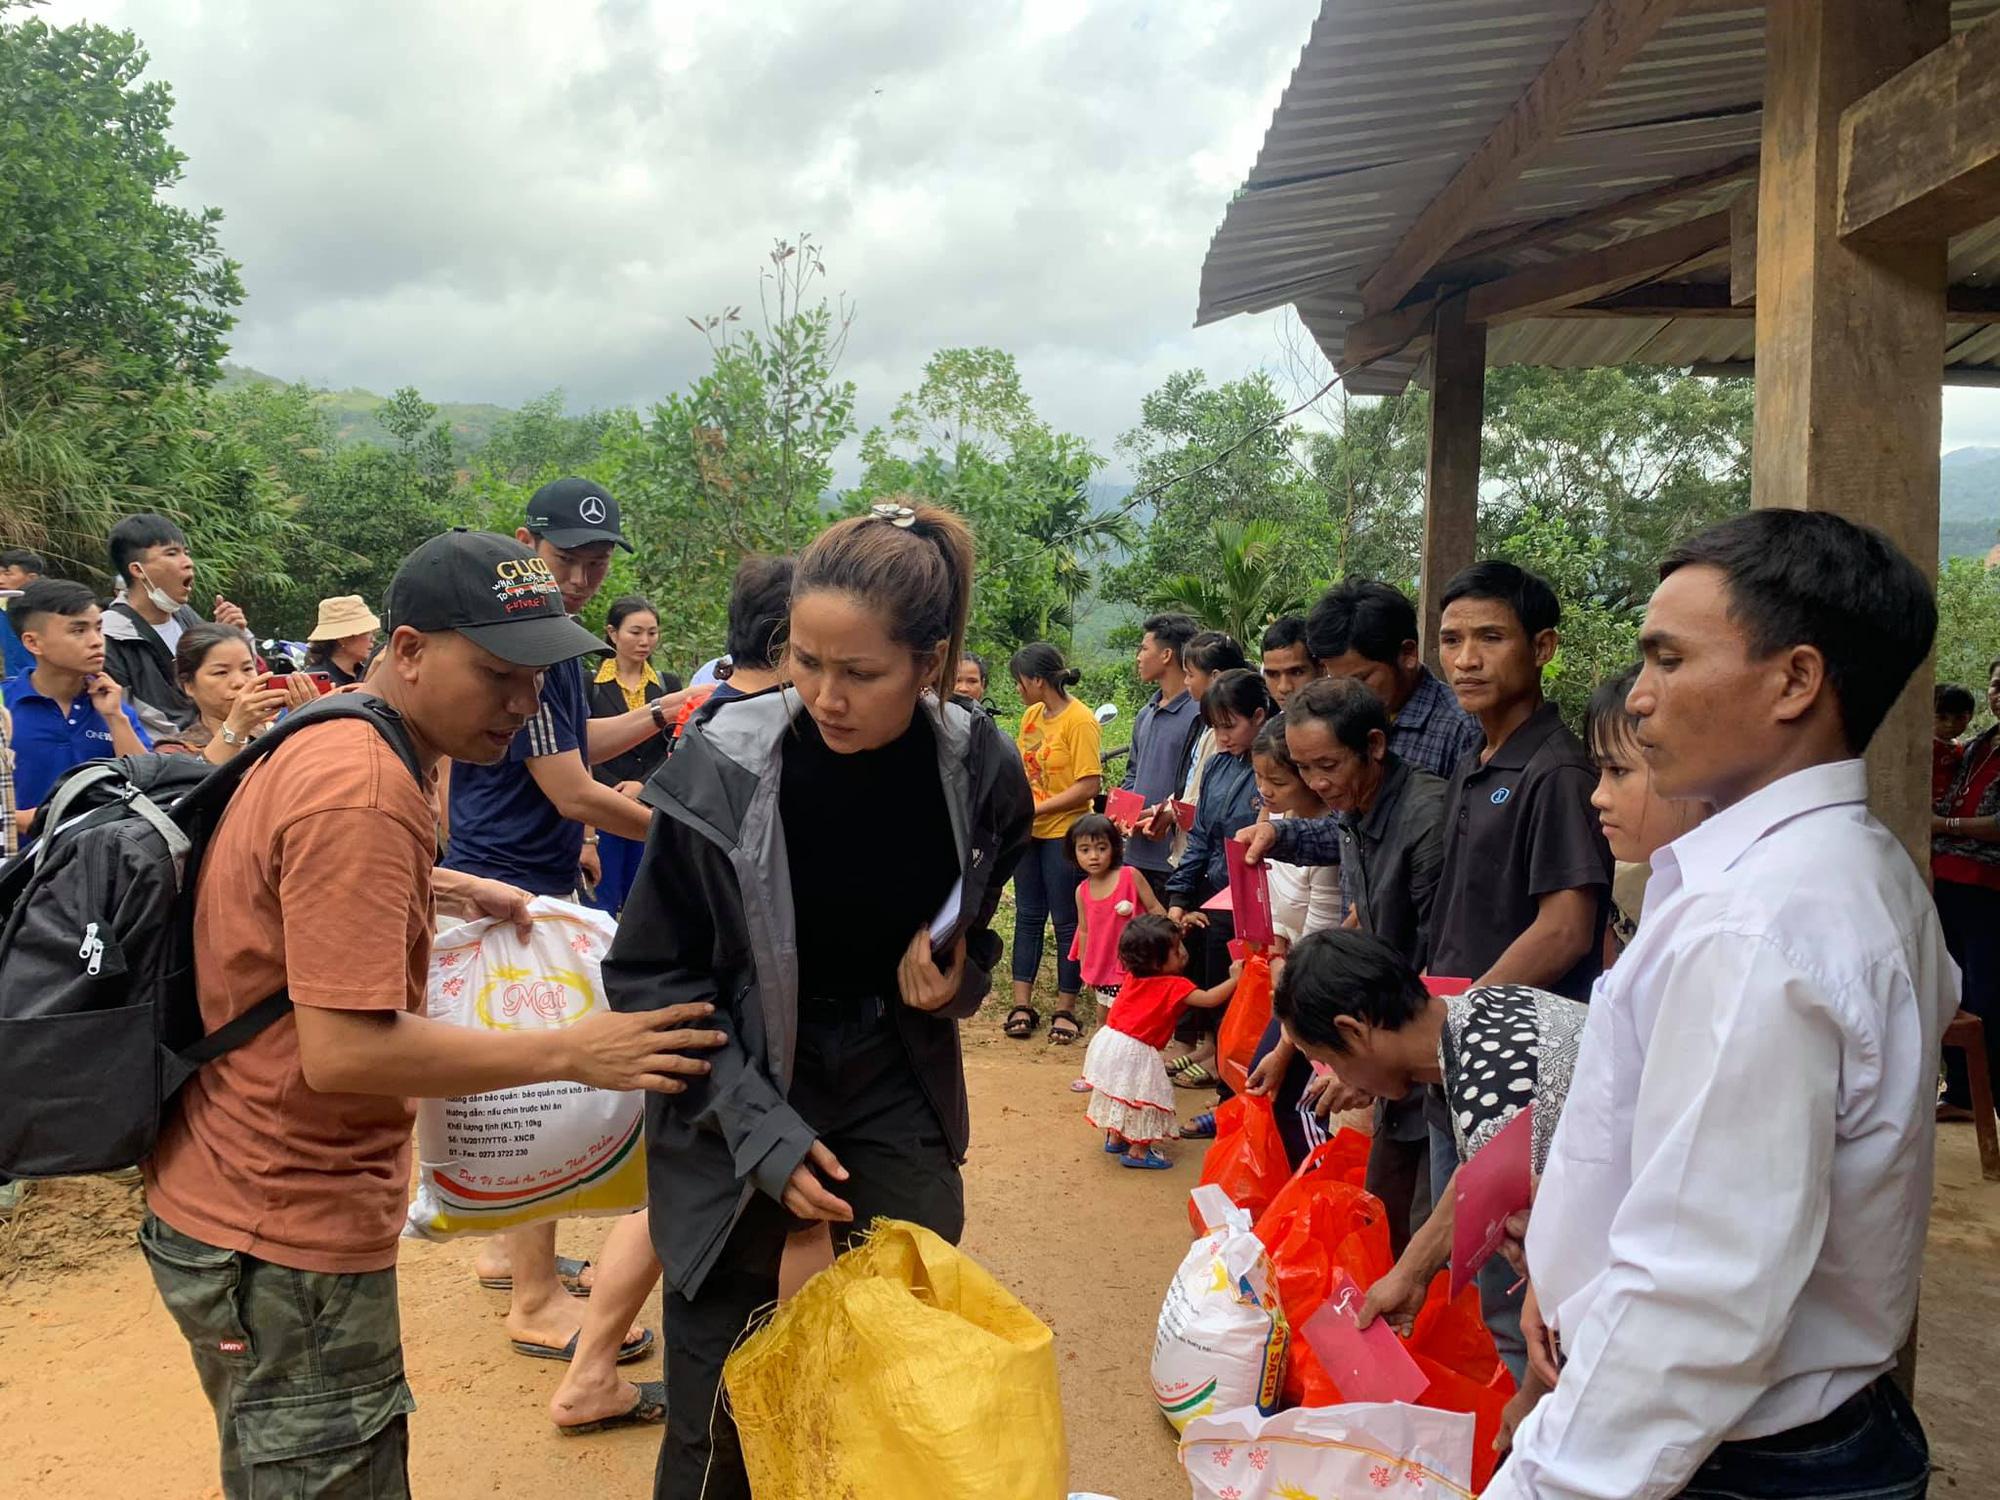 Hoa hậu H'Hen Niê lội bùn đến thăm nạn nhân sạt lở đất ở huyện Nam Trà My - Ảnh 1.